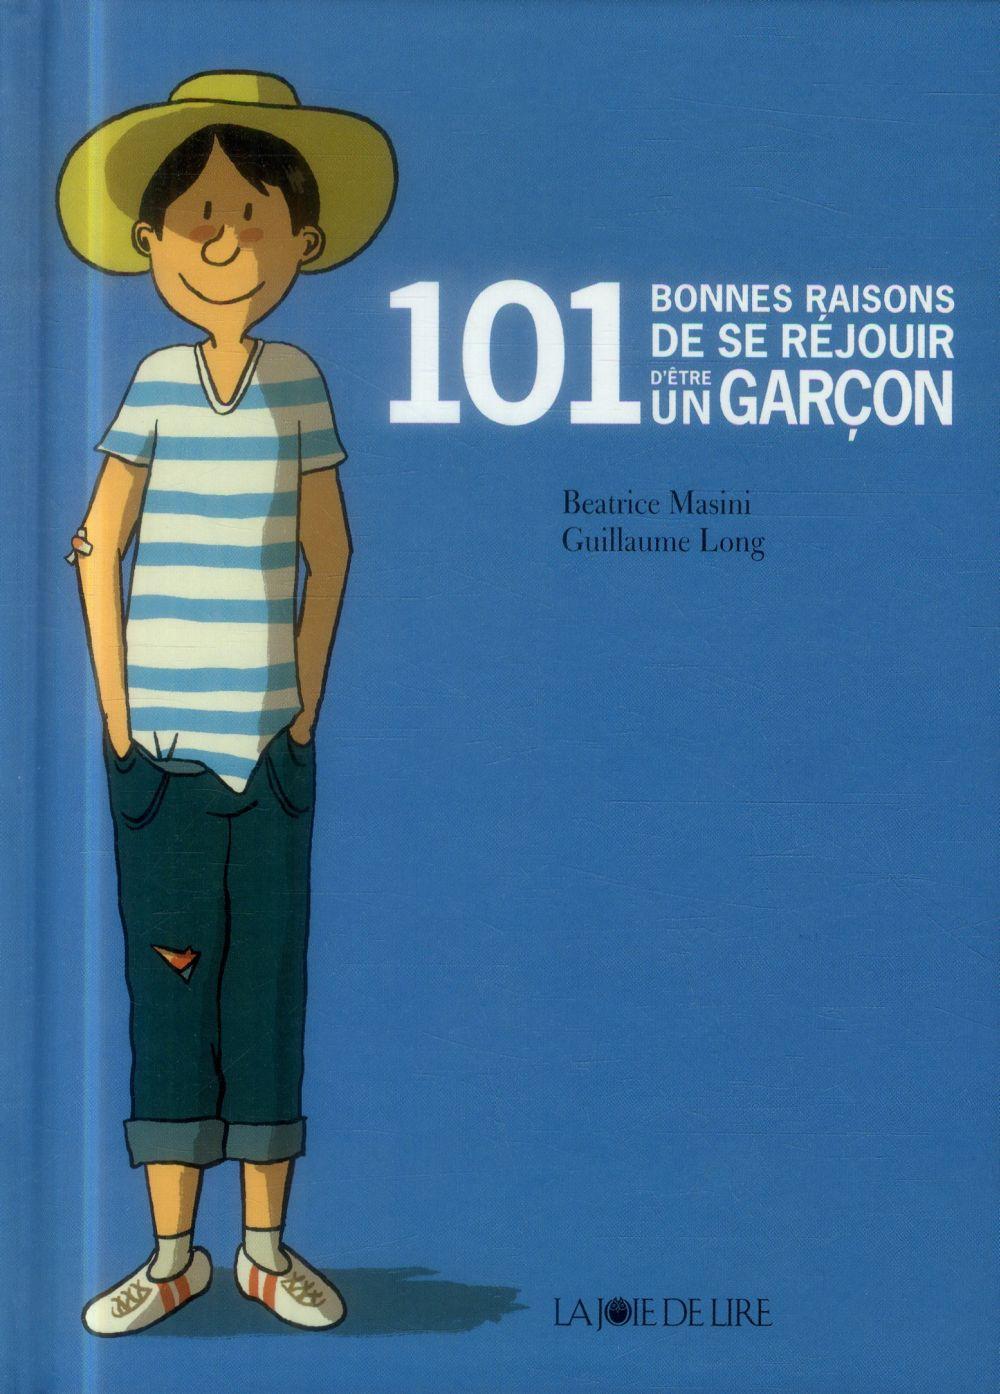 101 BONNES RAISONS DE SE REJOUIR D'ETRE UN GARCON